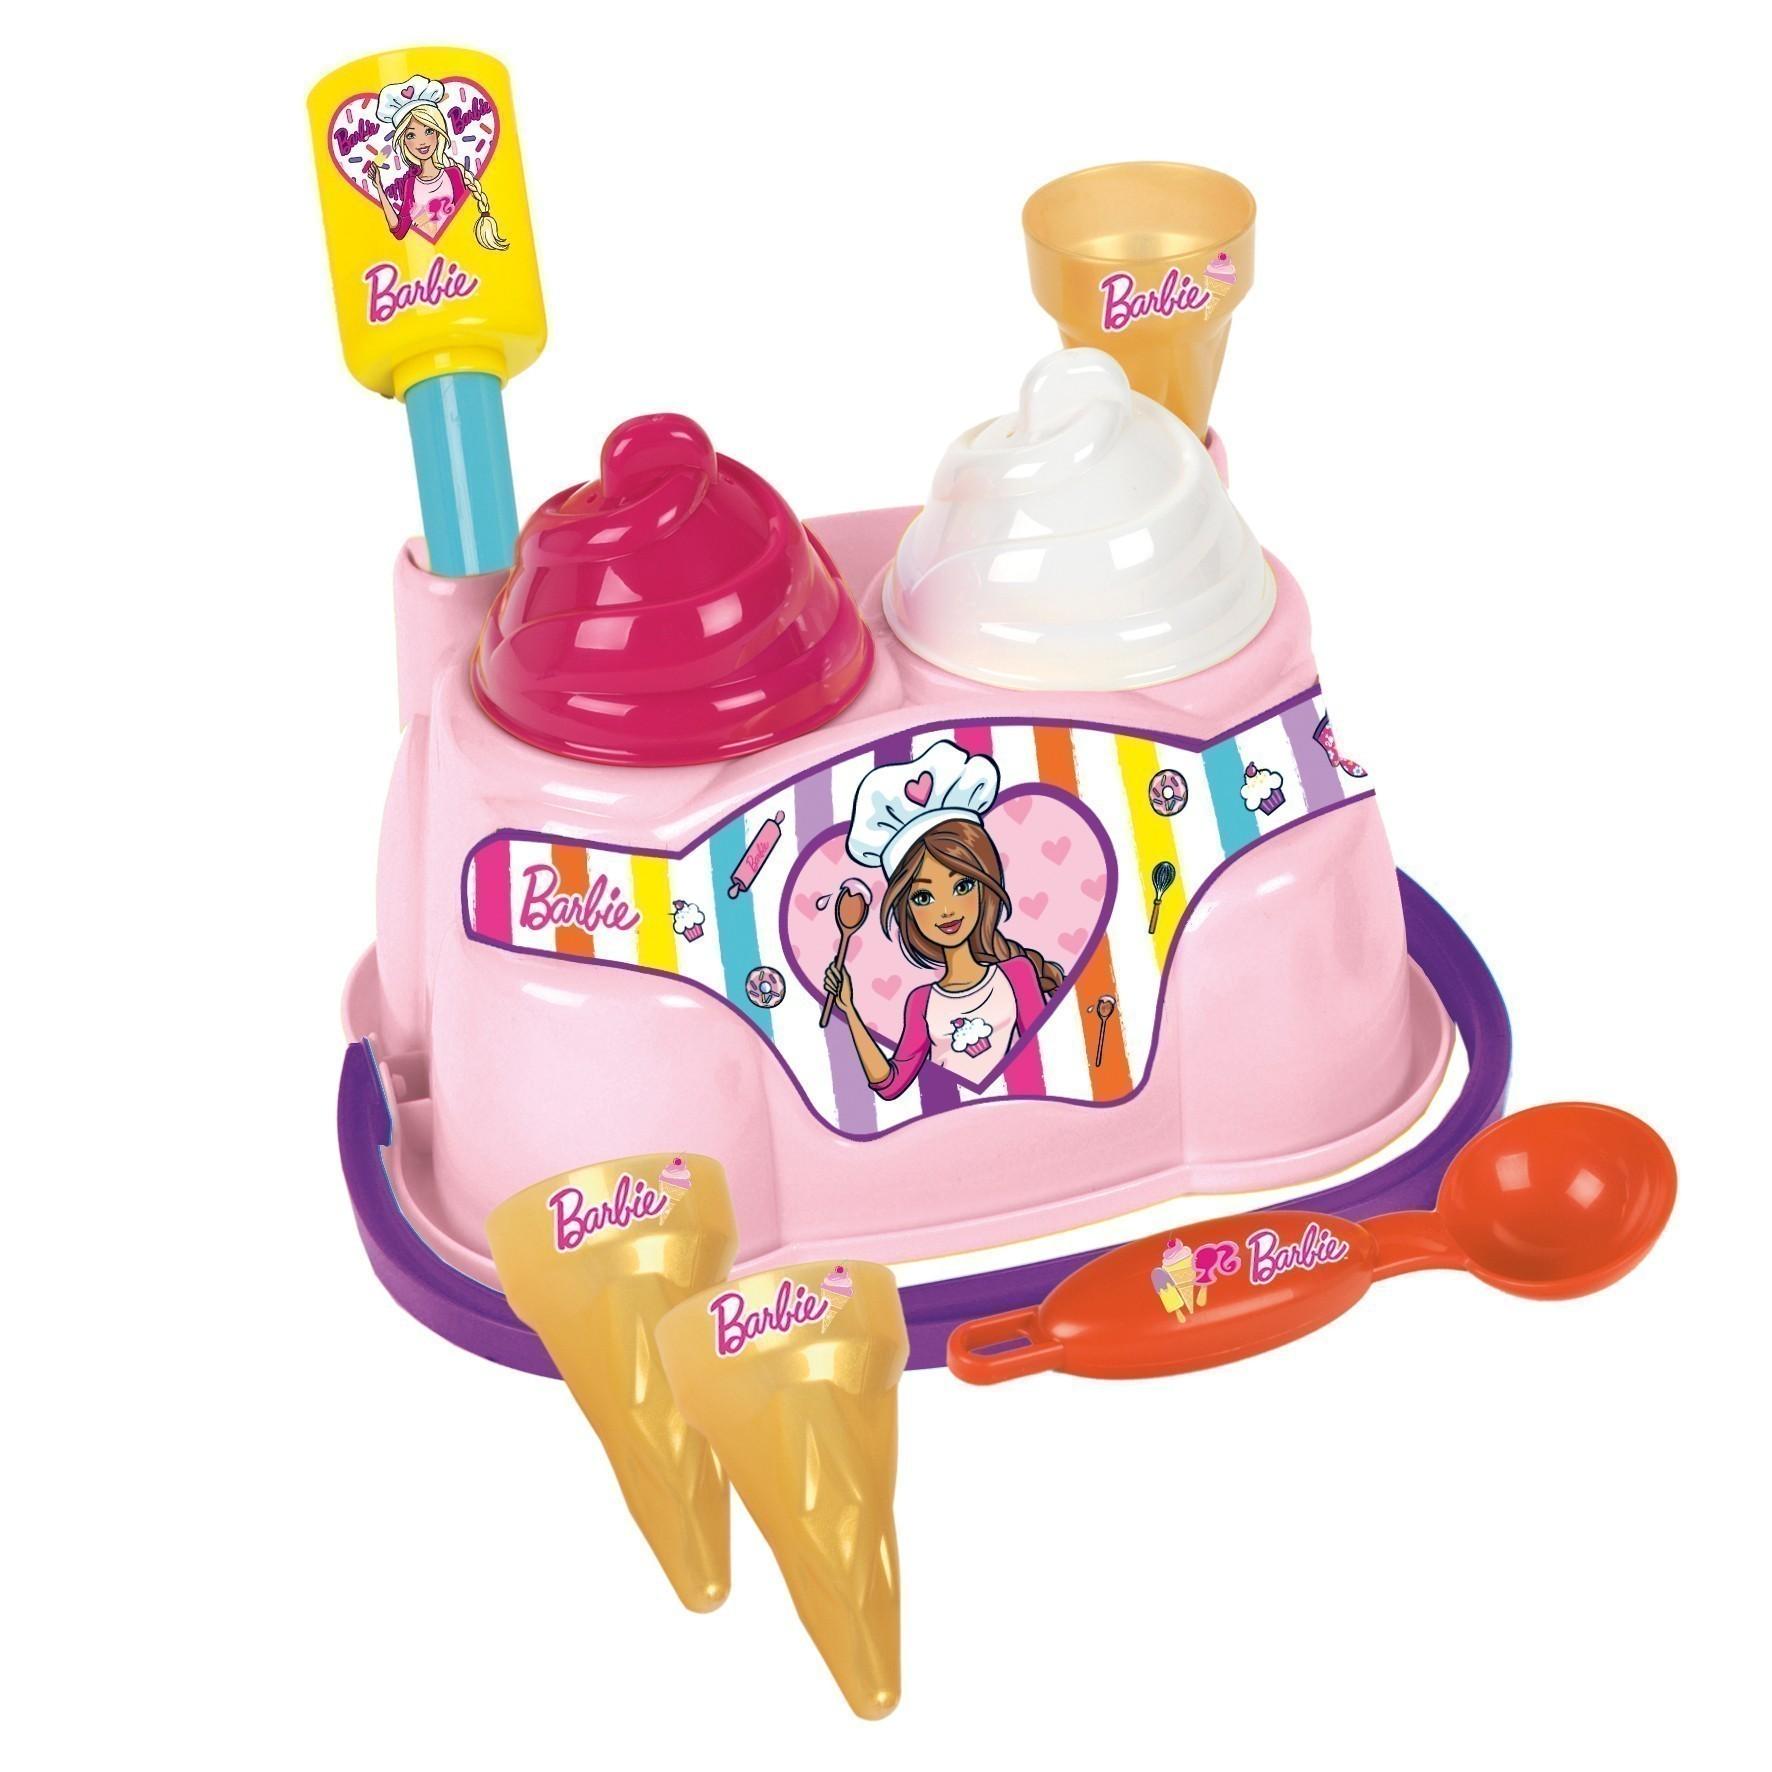 Barbie Sandspielzeug Eisstand mit Eimer Bild 1